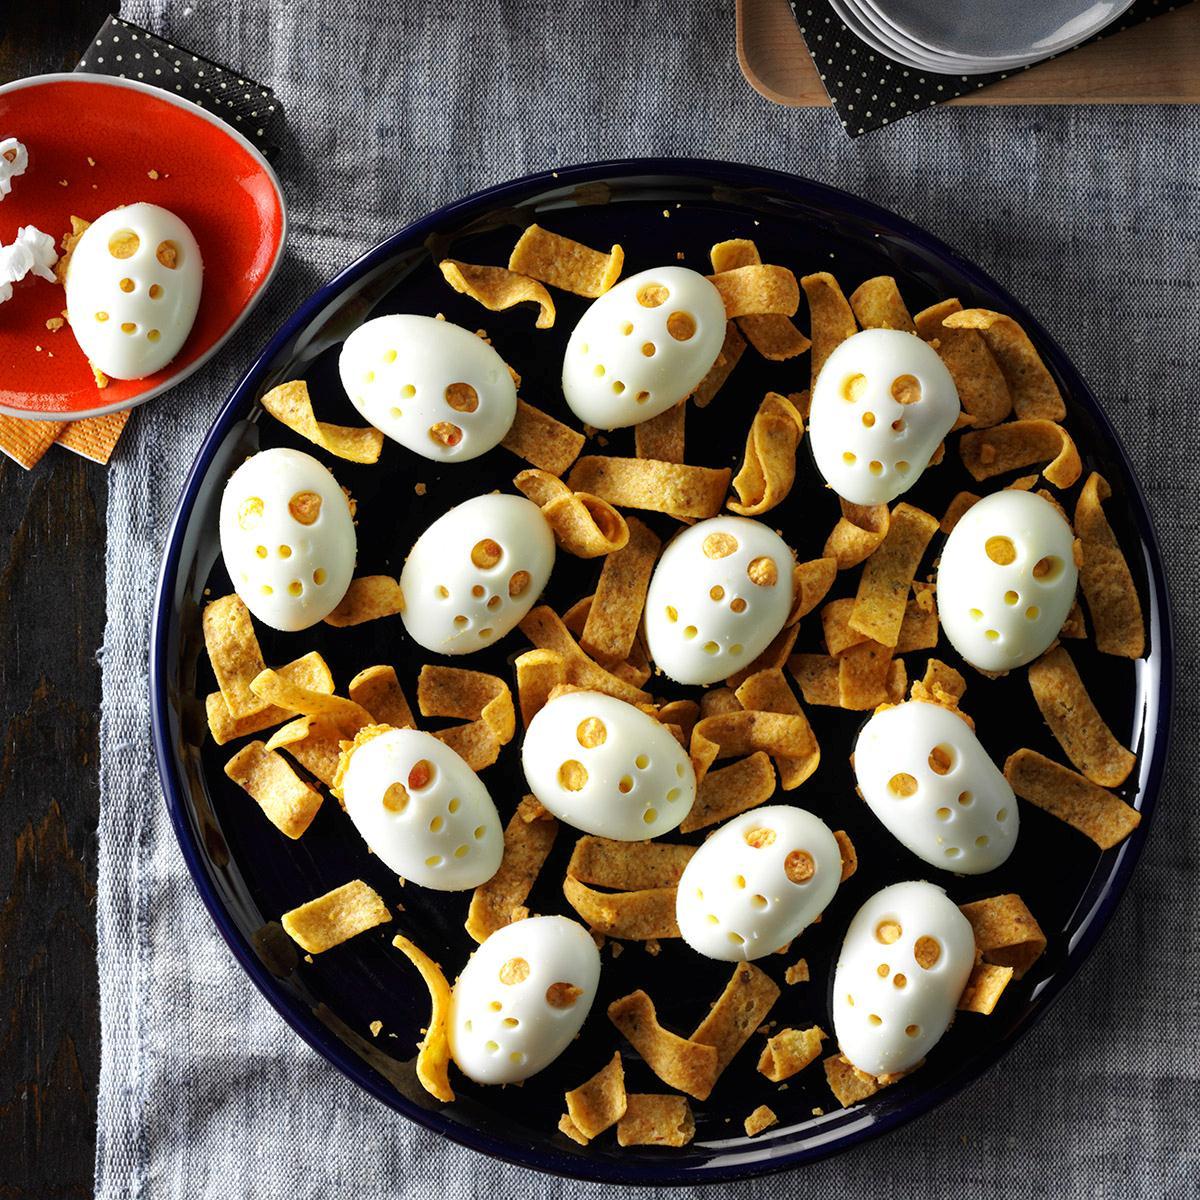 super originales ideas de comida para halloween, huevos originales con nachos, comidas fáciles y originales para hacer en una cena de Halloween